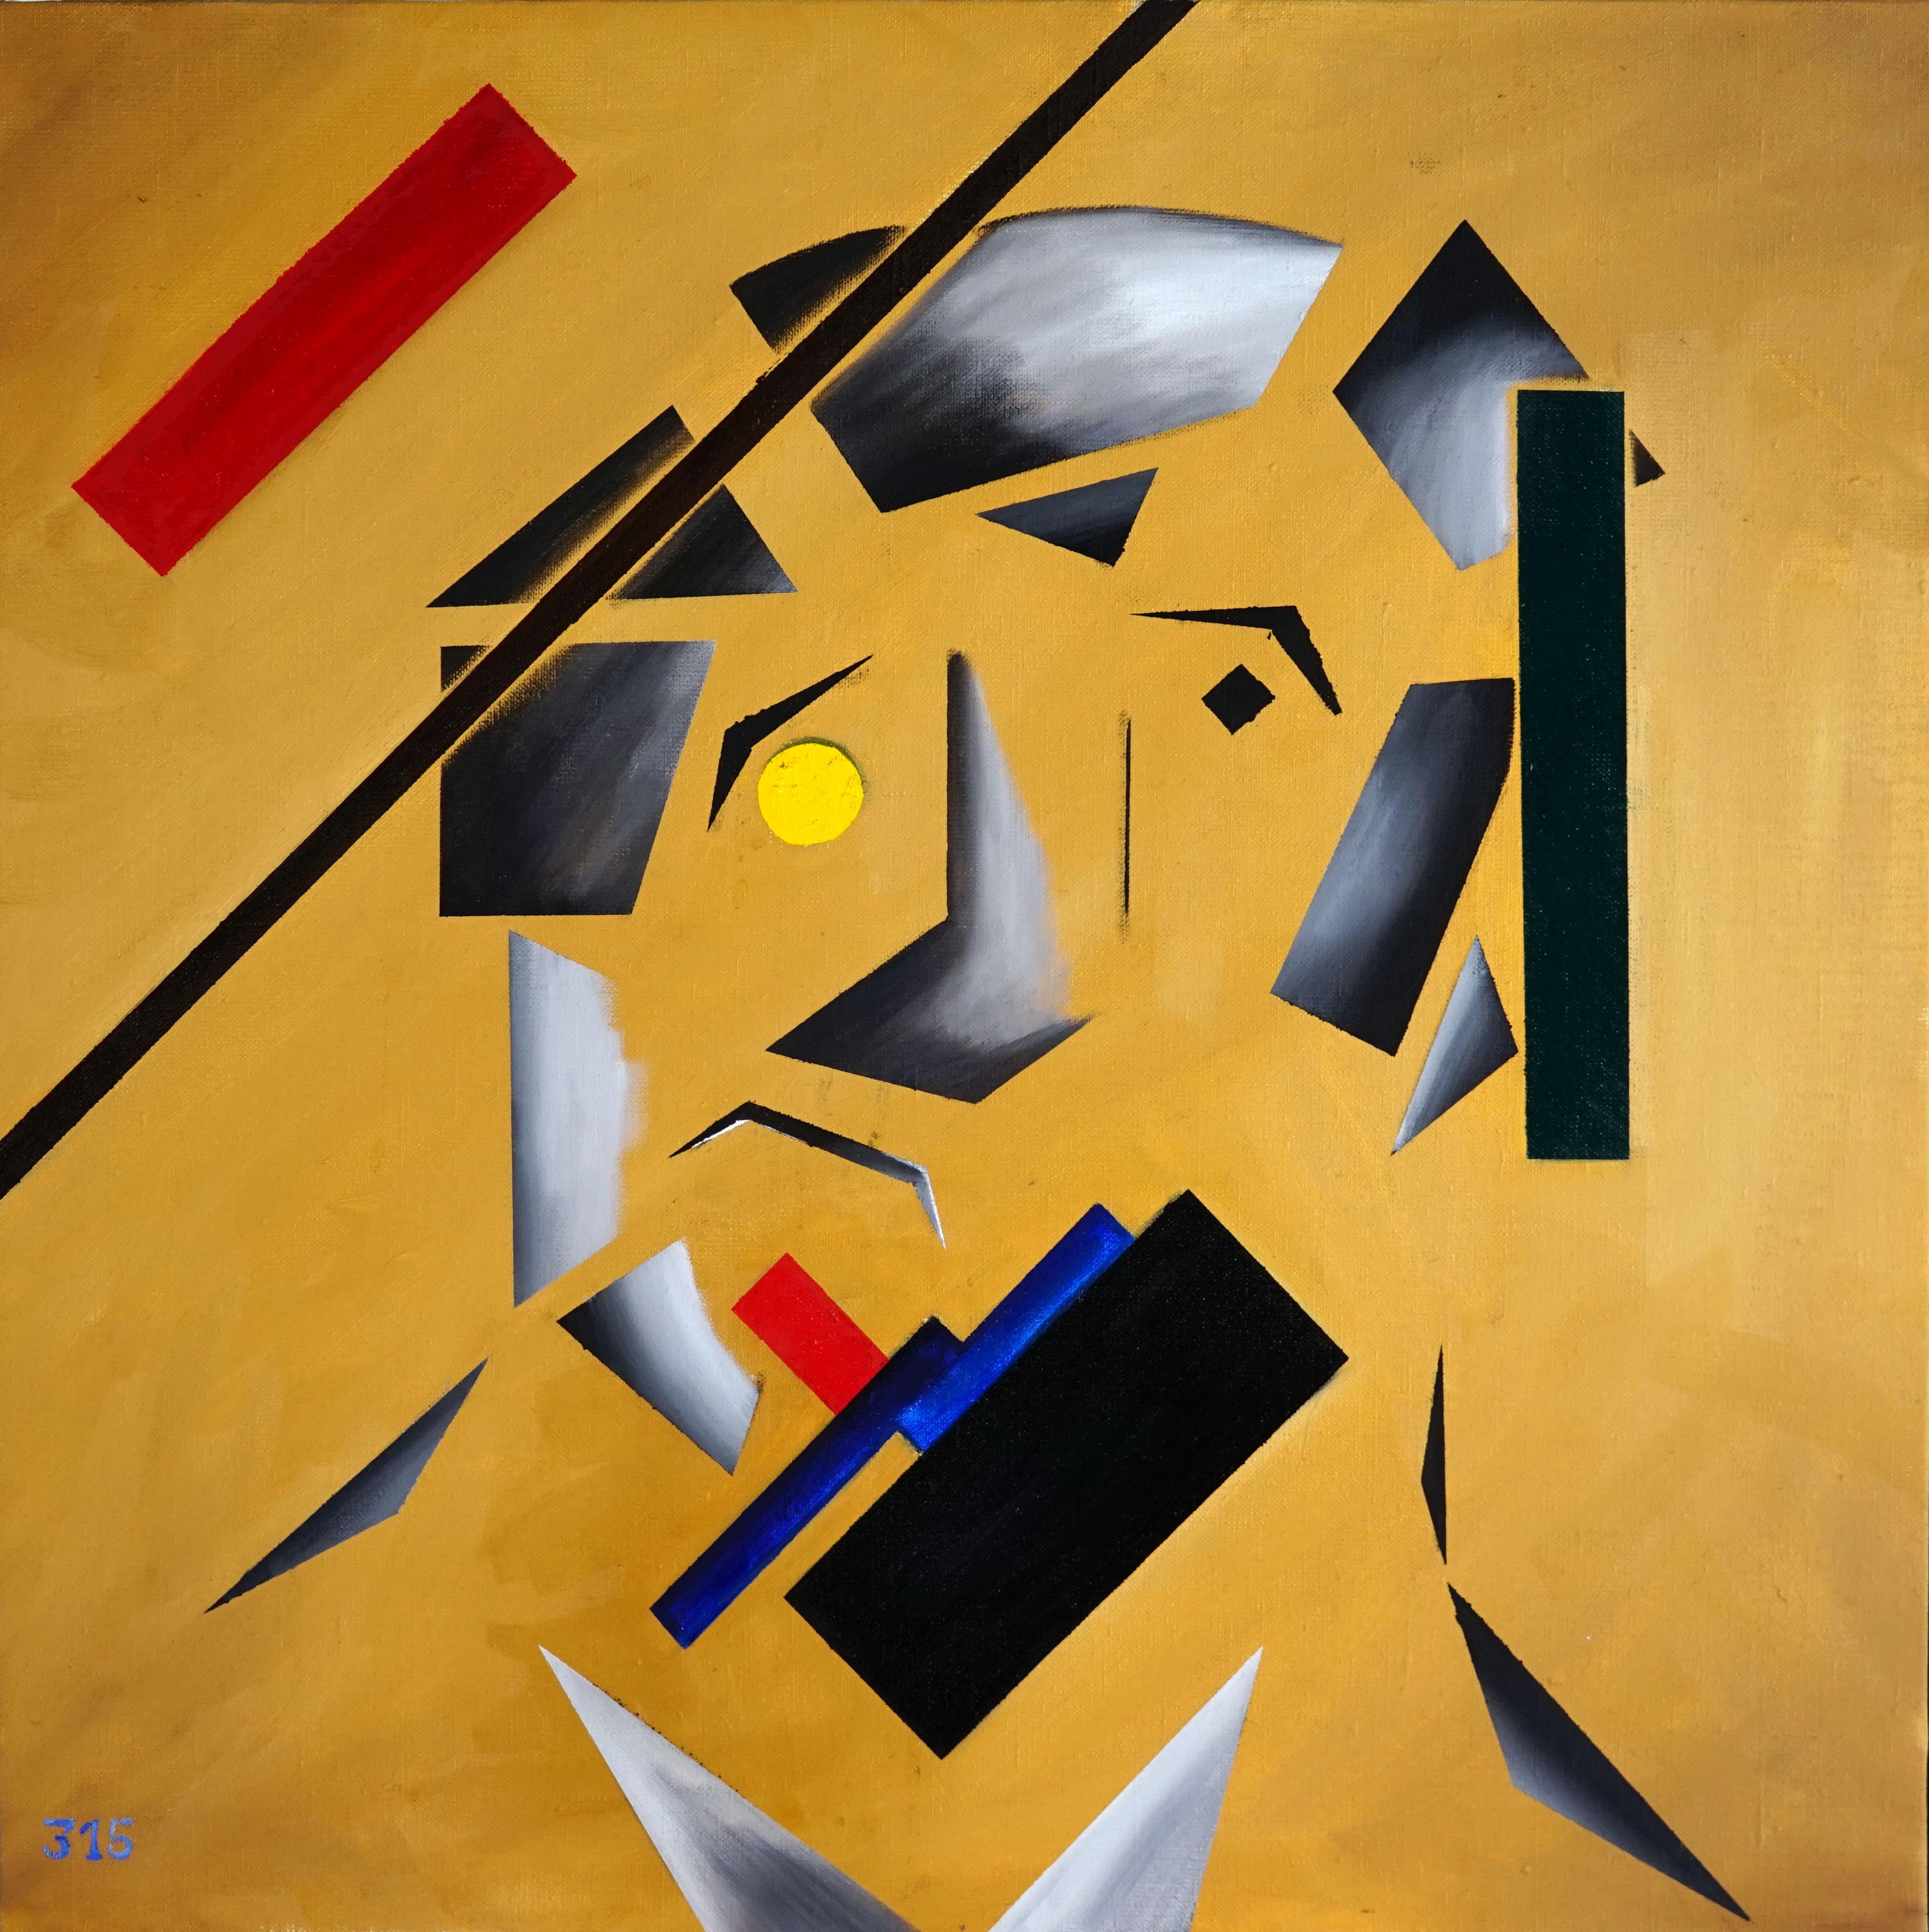 retrato-K-Malevich-60x60-web